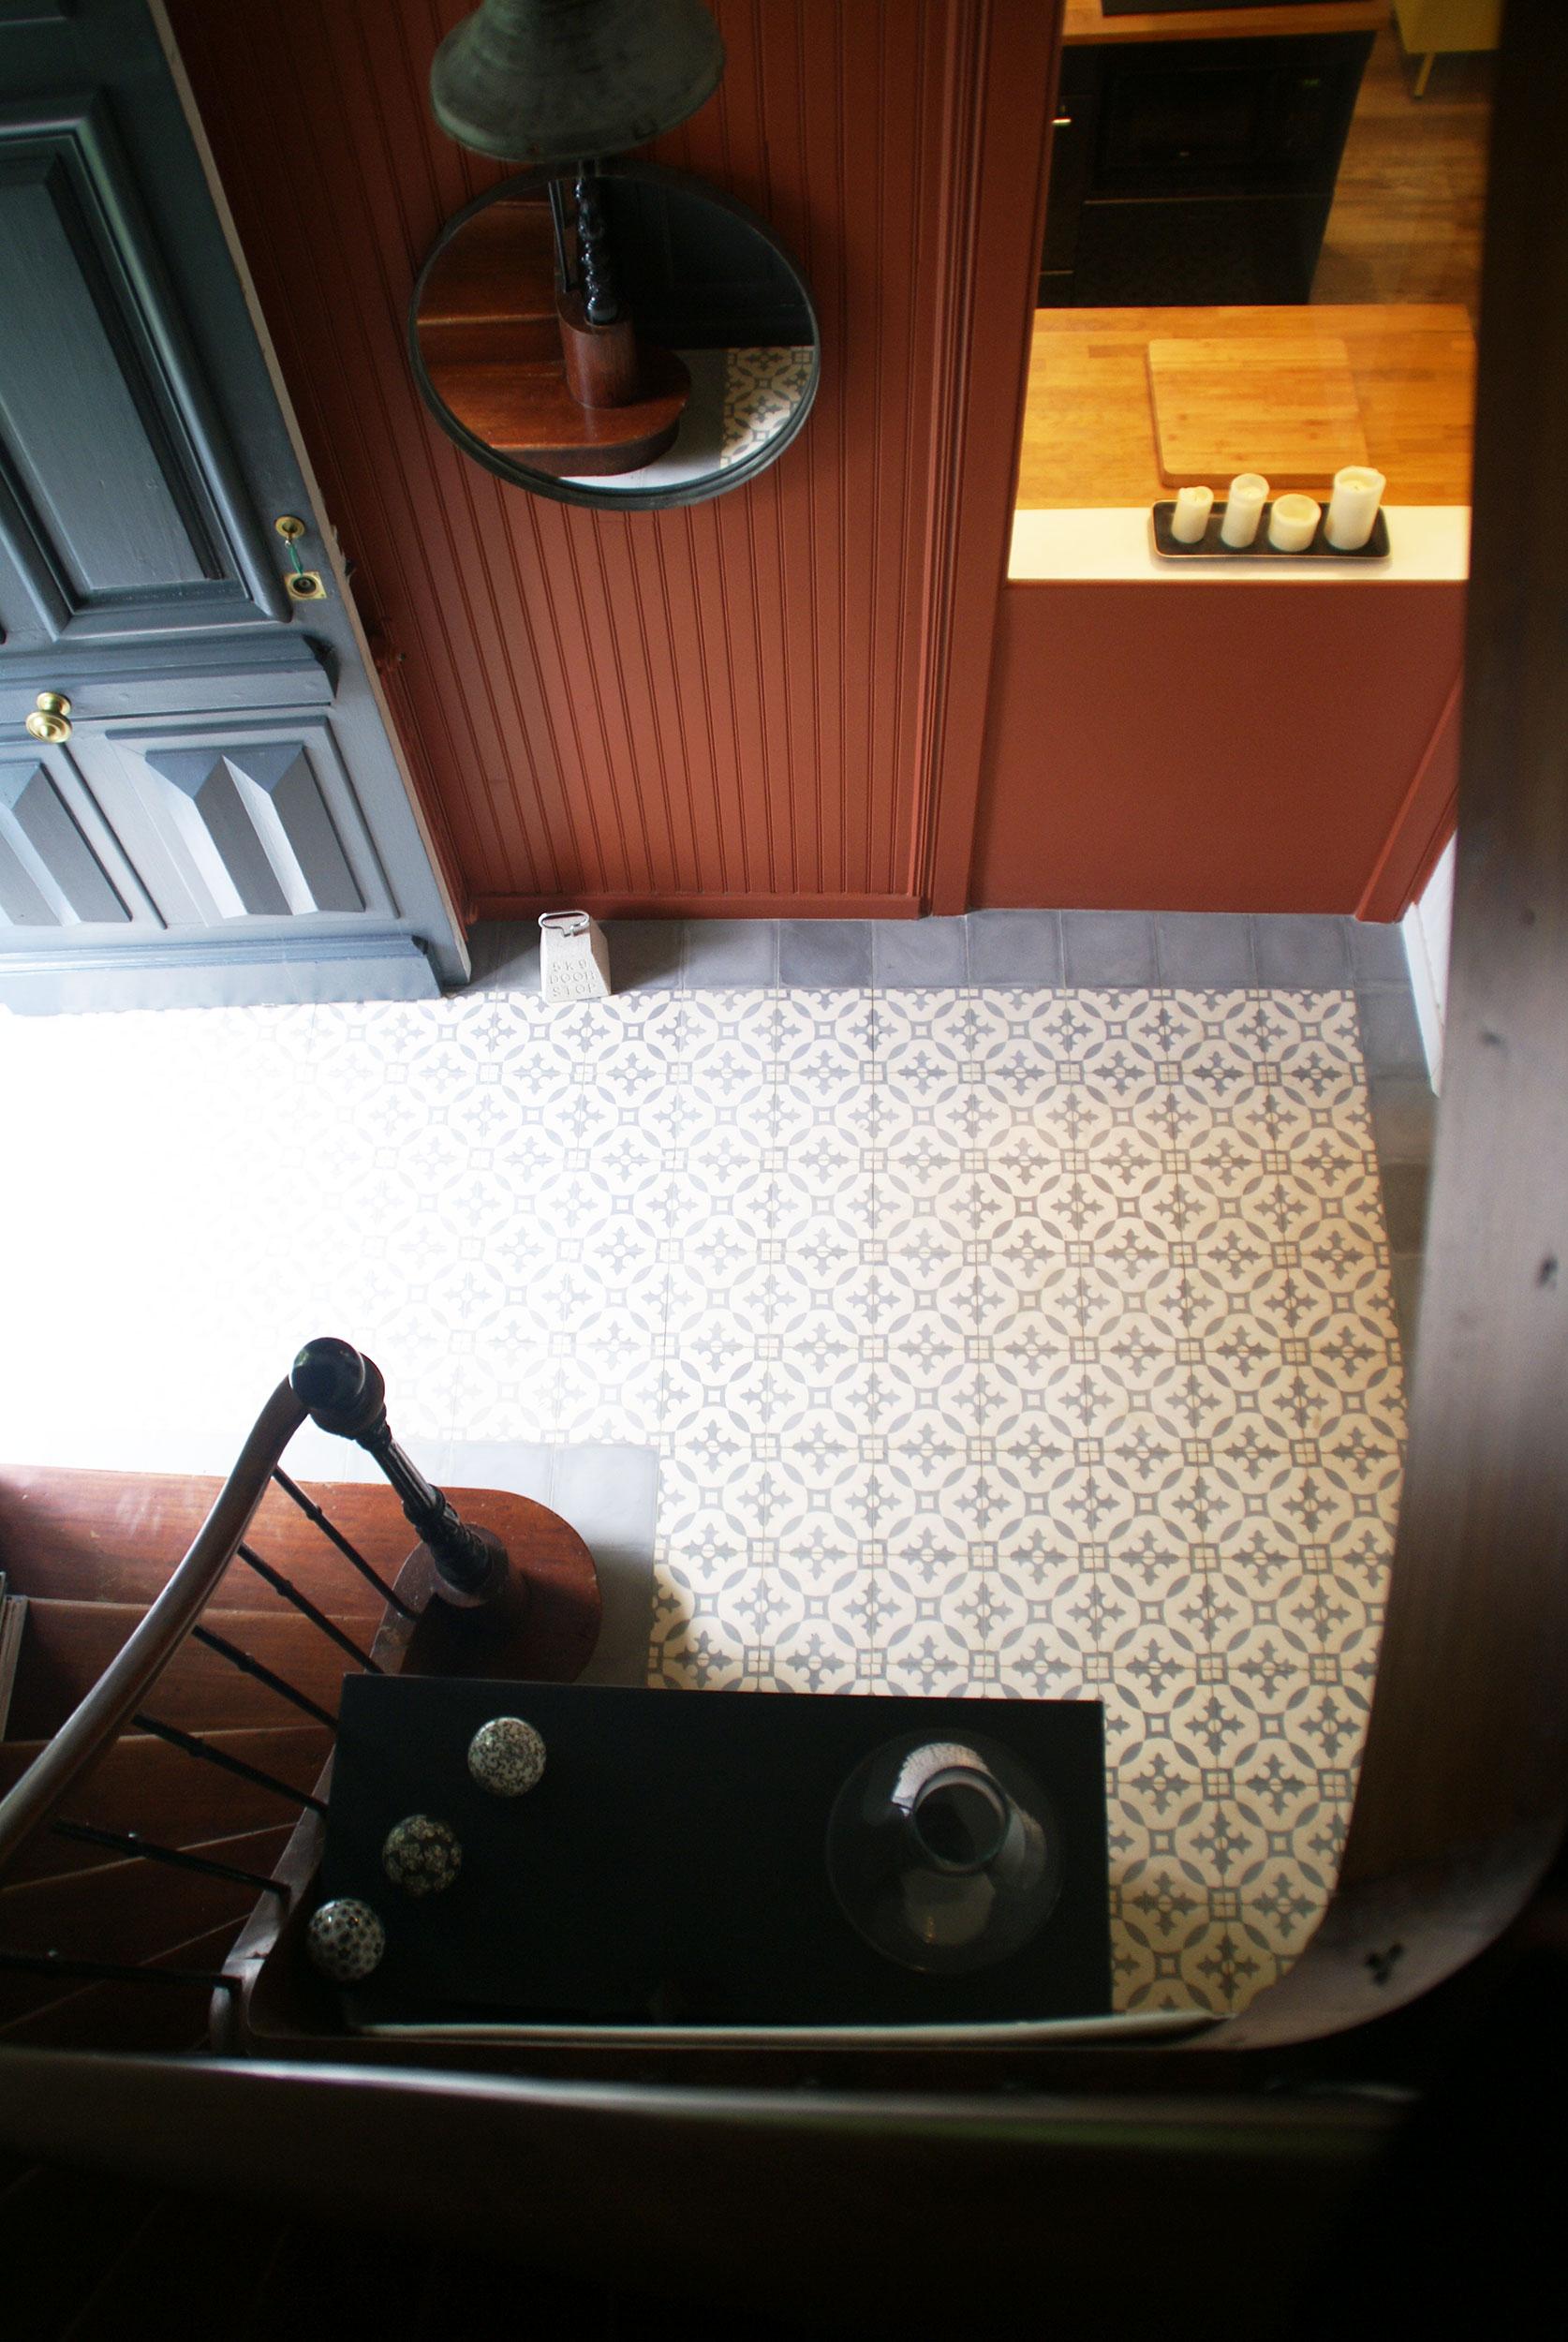 Rénovation totale maison saint-girons architecte intérieur décoratrice Toulouse Haute-Garonne Occitanie